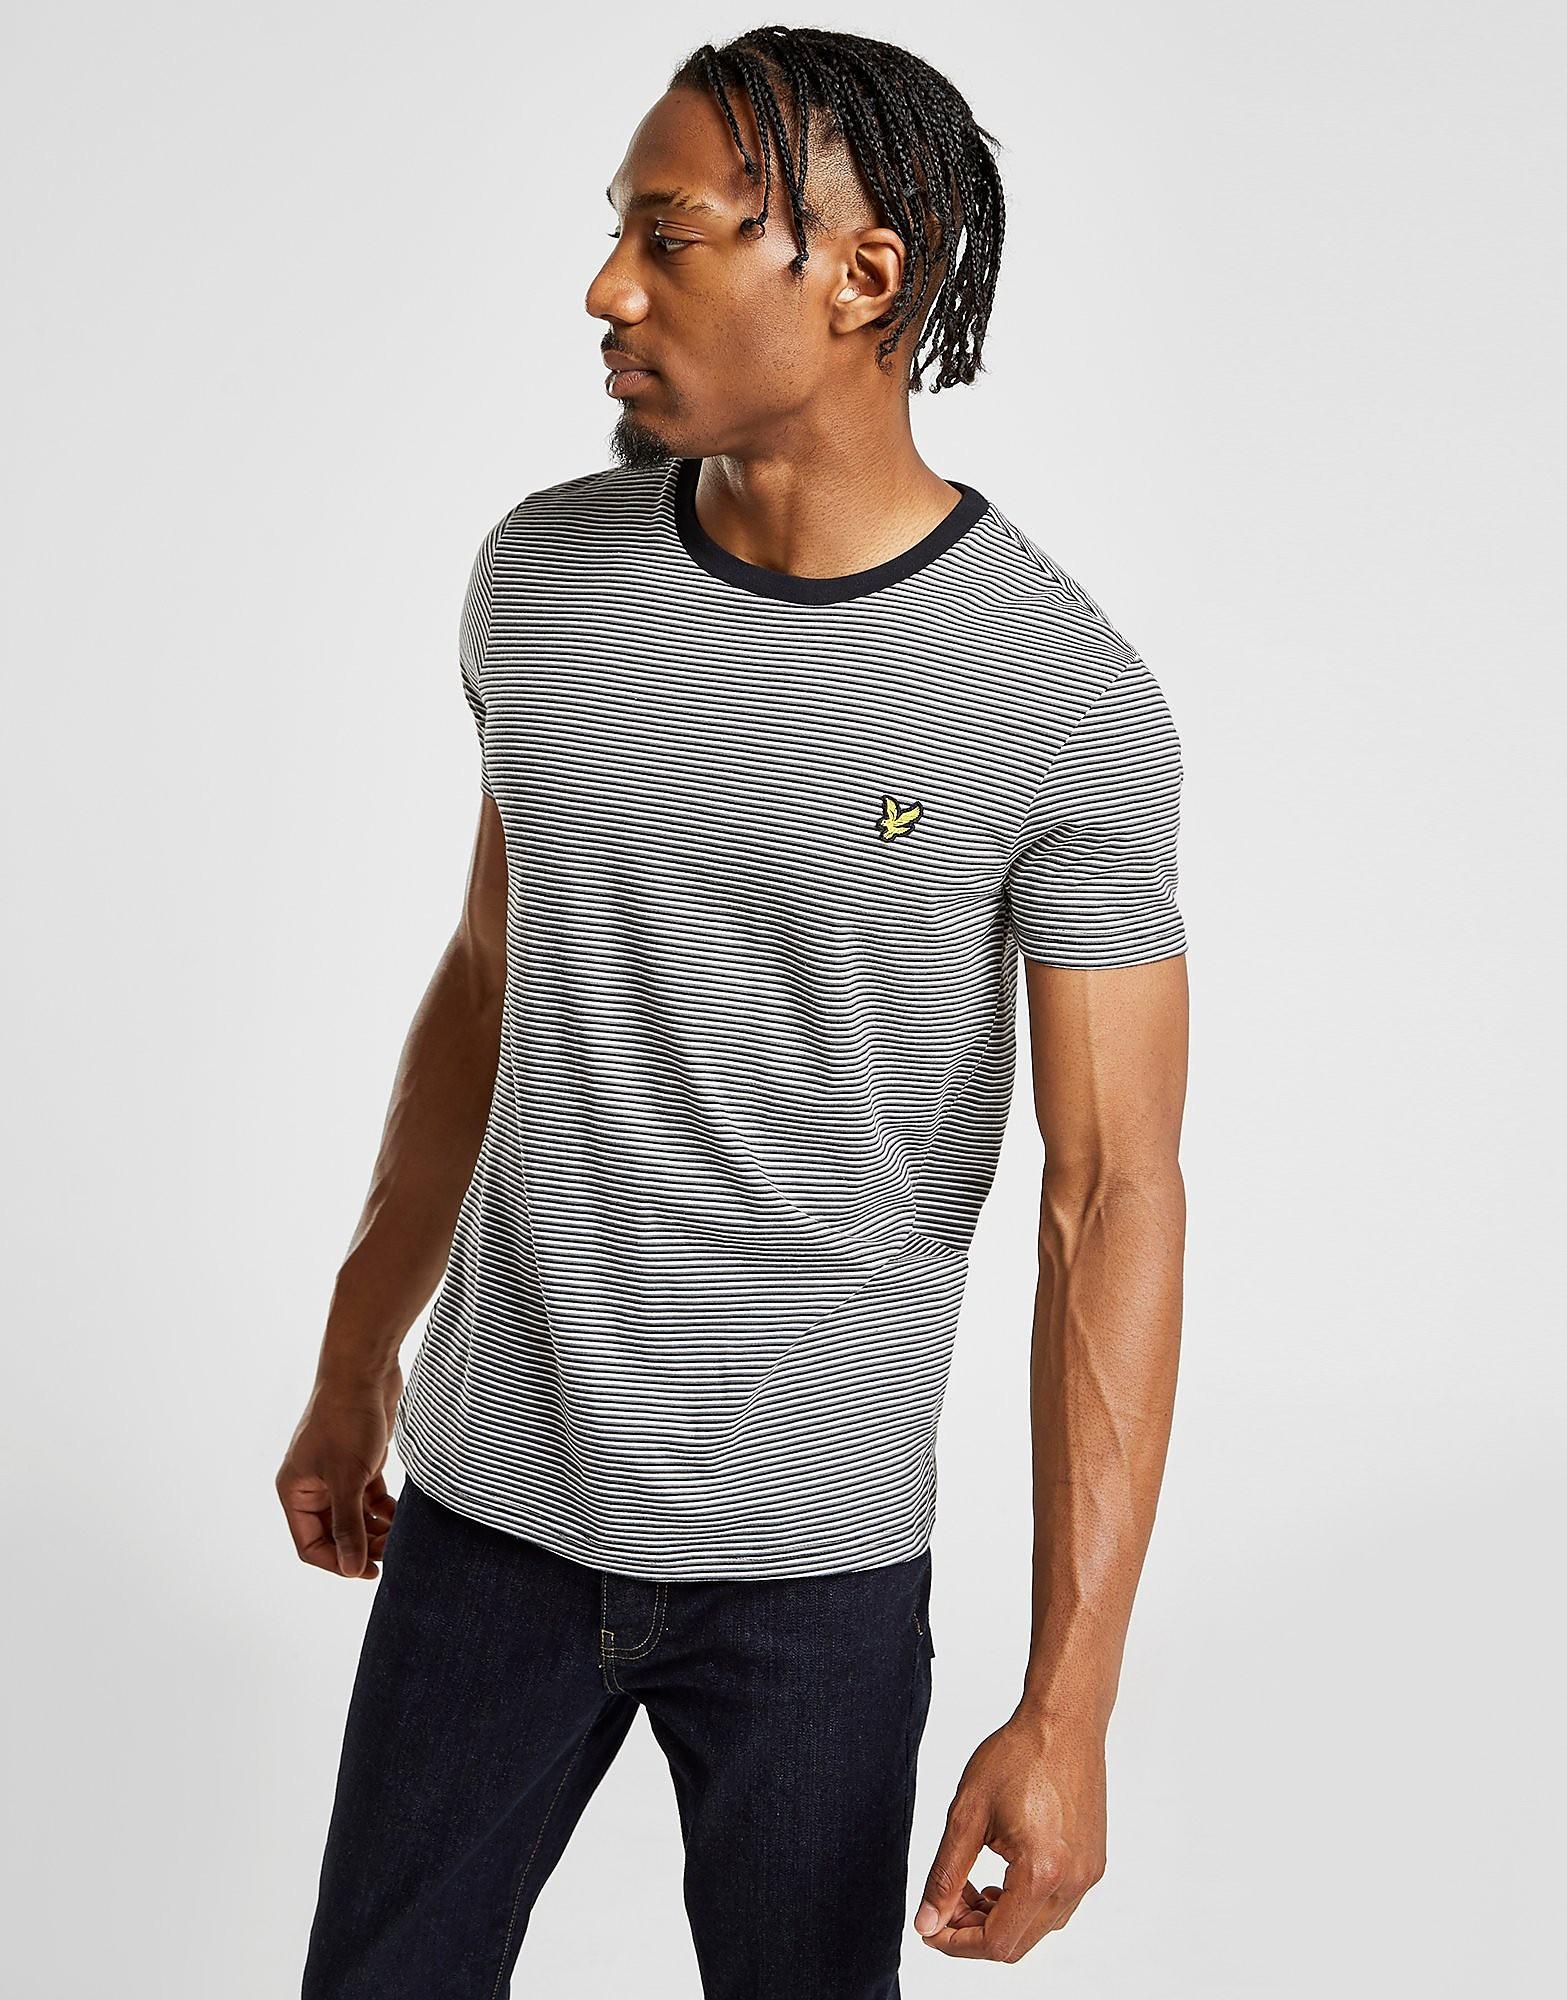 Lyle & Scott Stripe T-Shirt Heren - alleen bij JD - Zwart - Heren